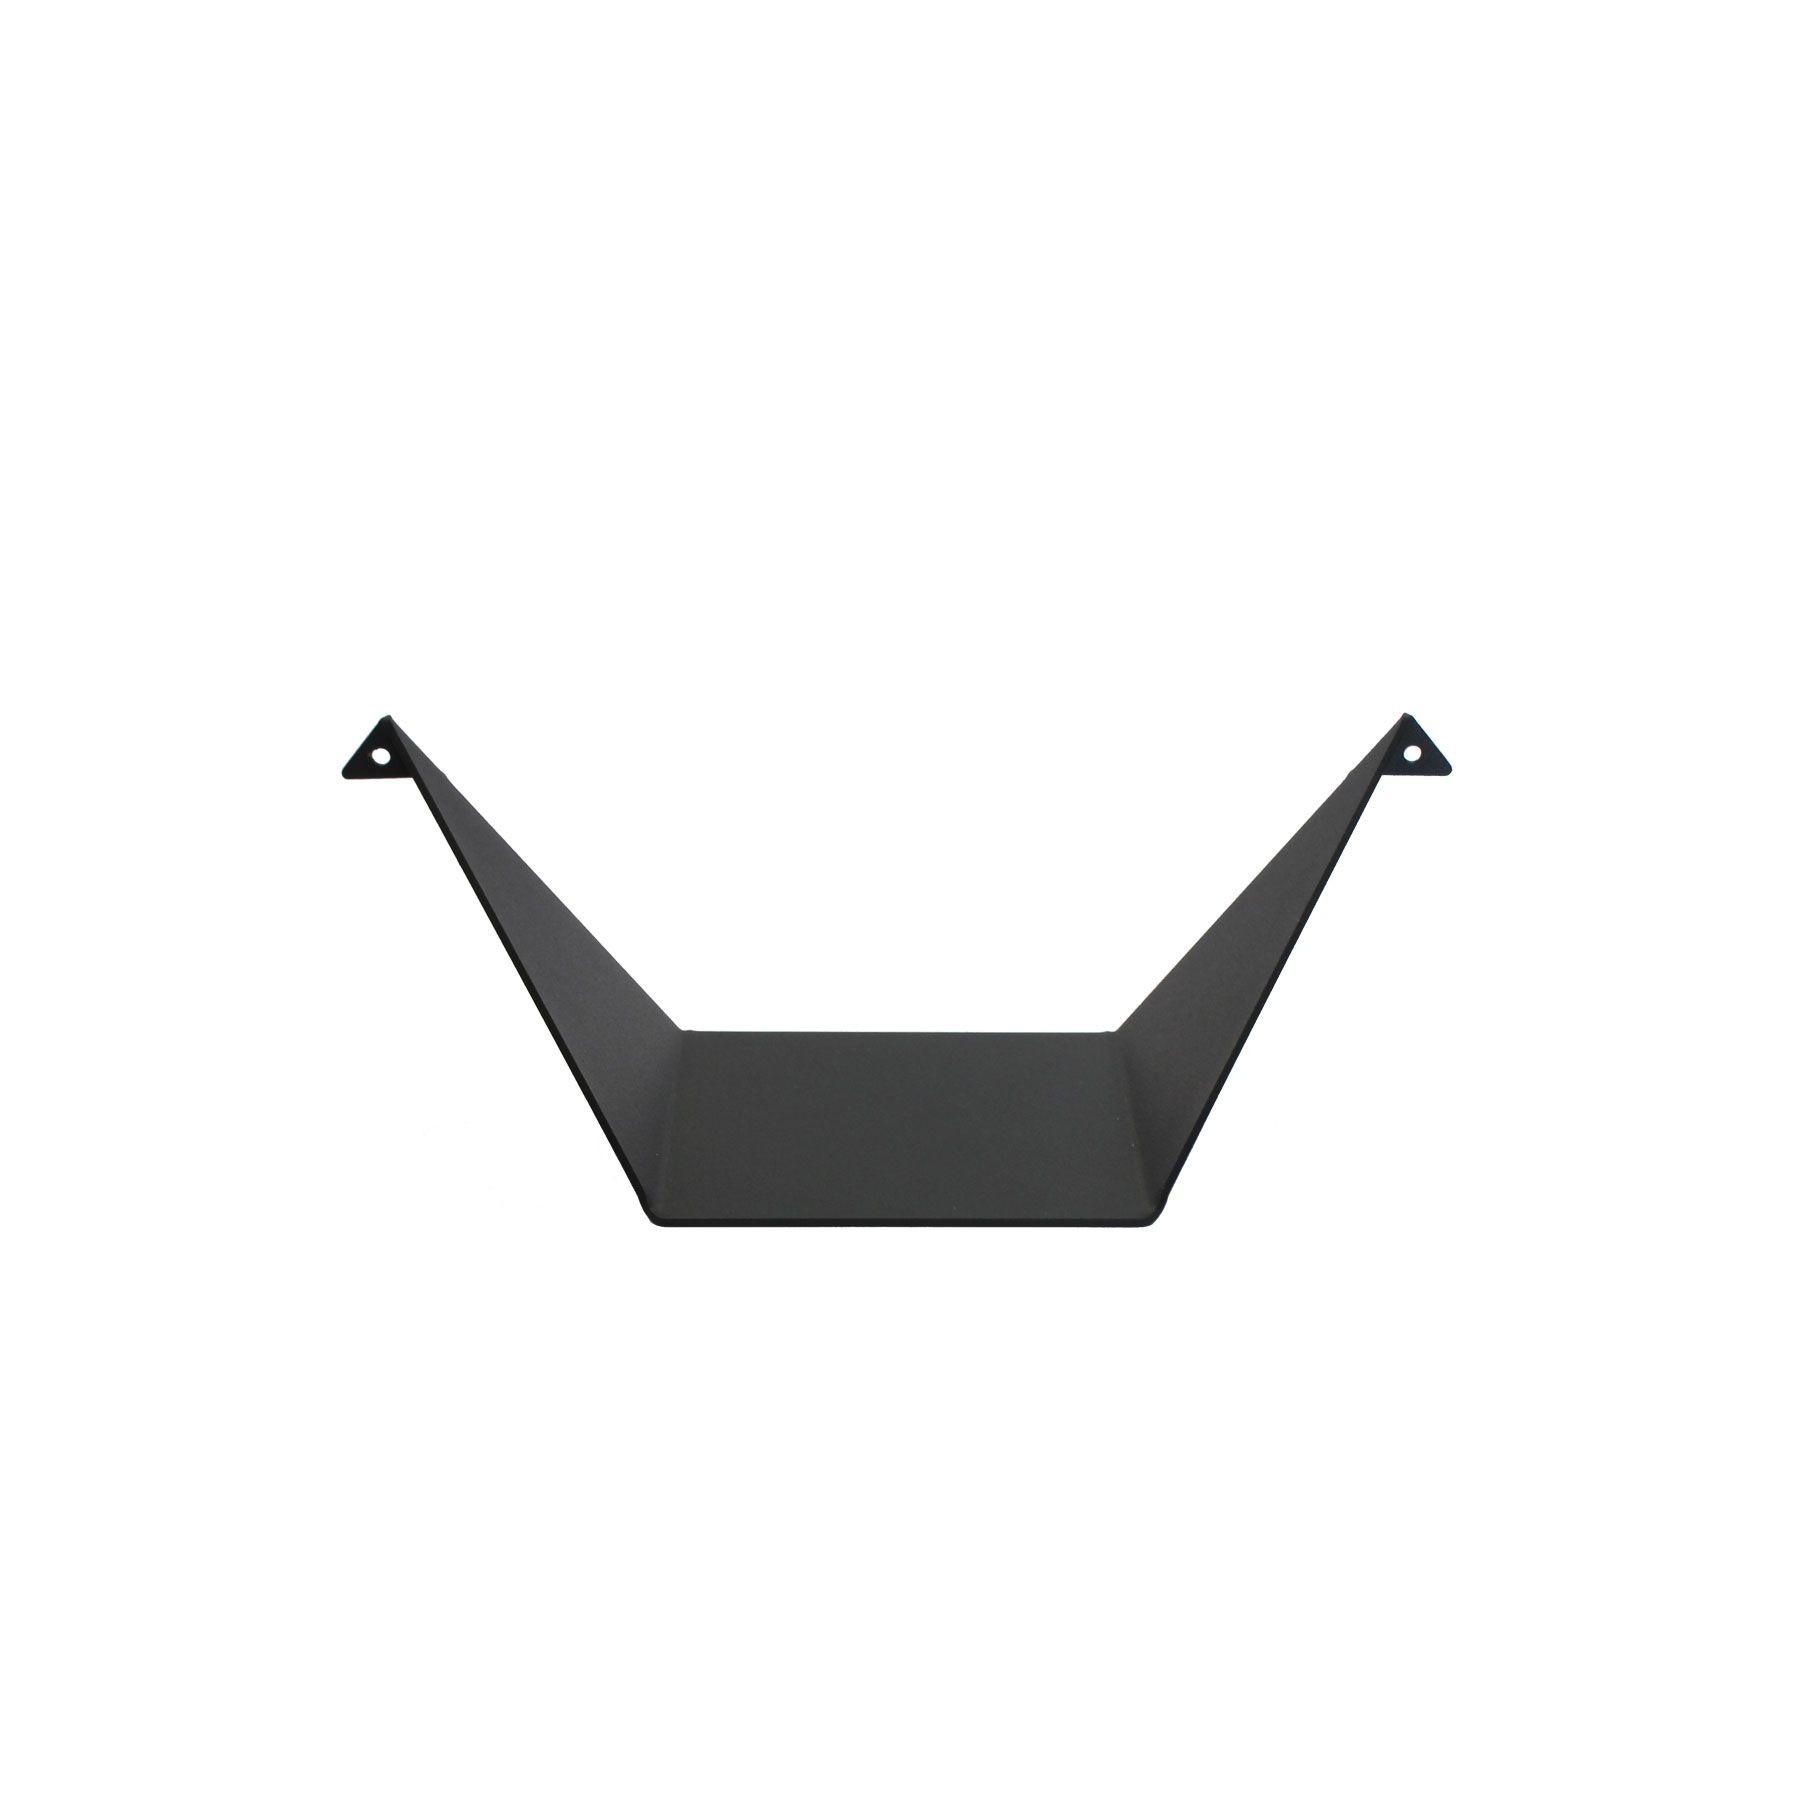 Shelf Clean Small | Dark Grey